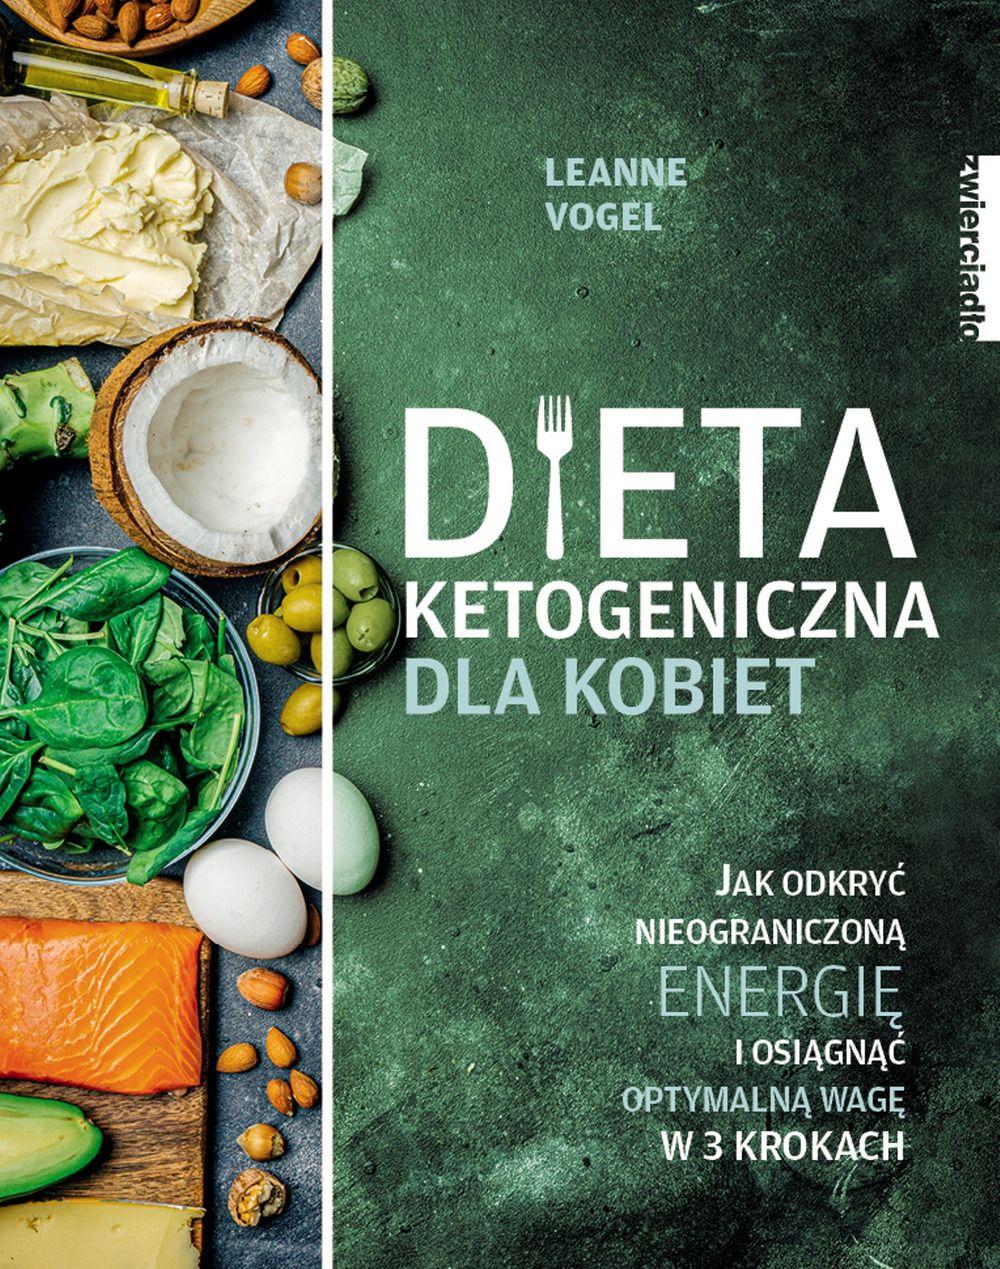 Dieta ketogeniczna dla kobiet. Jak odkryć nieograniczoną energię i osiągnąć optymalną wagę w 3 krokach